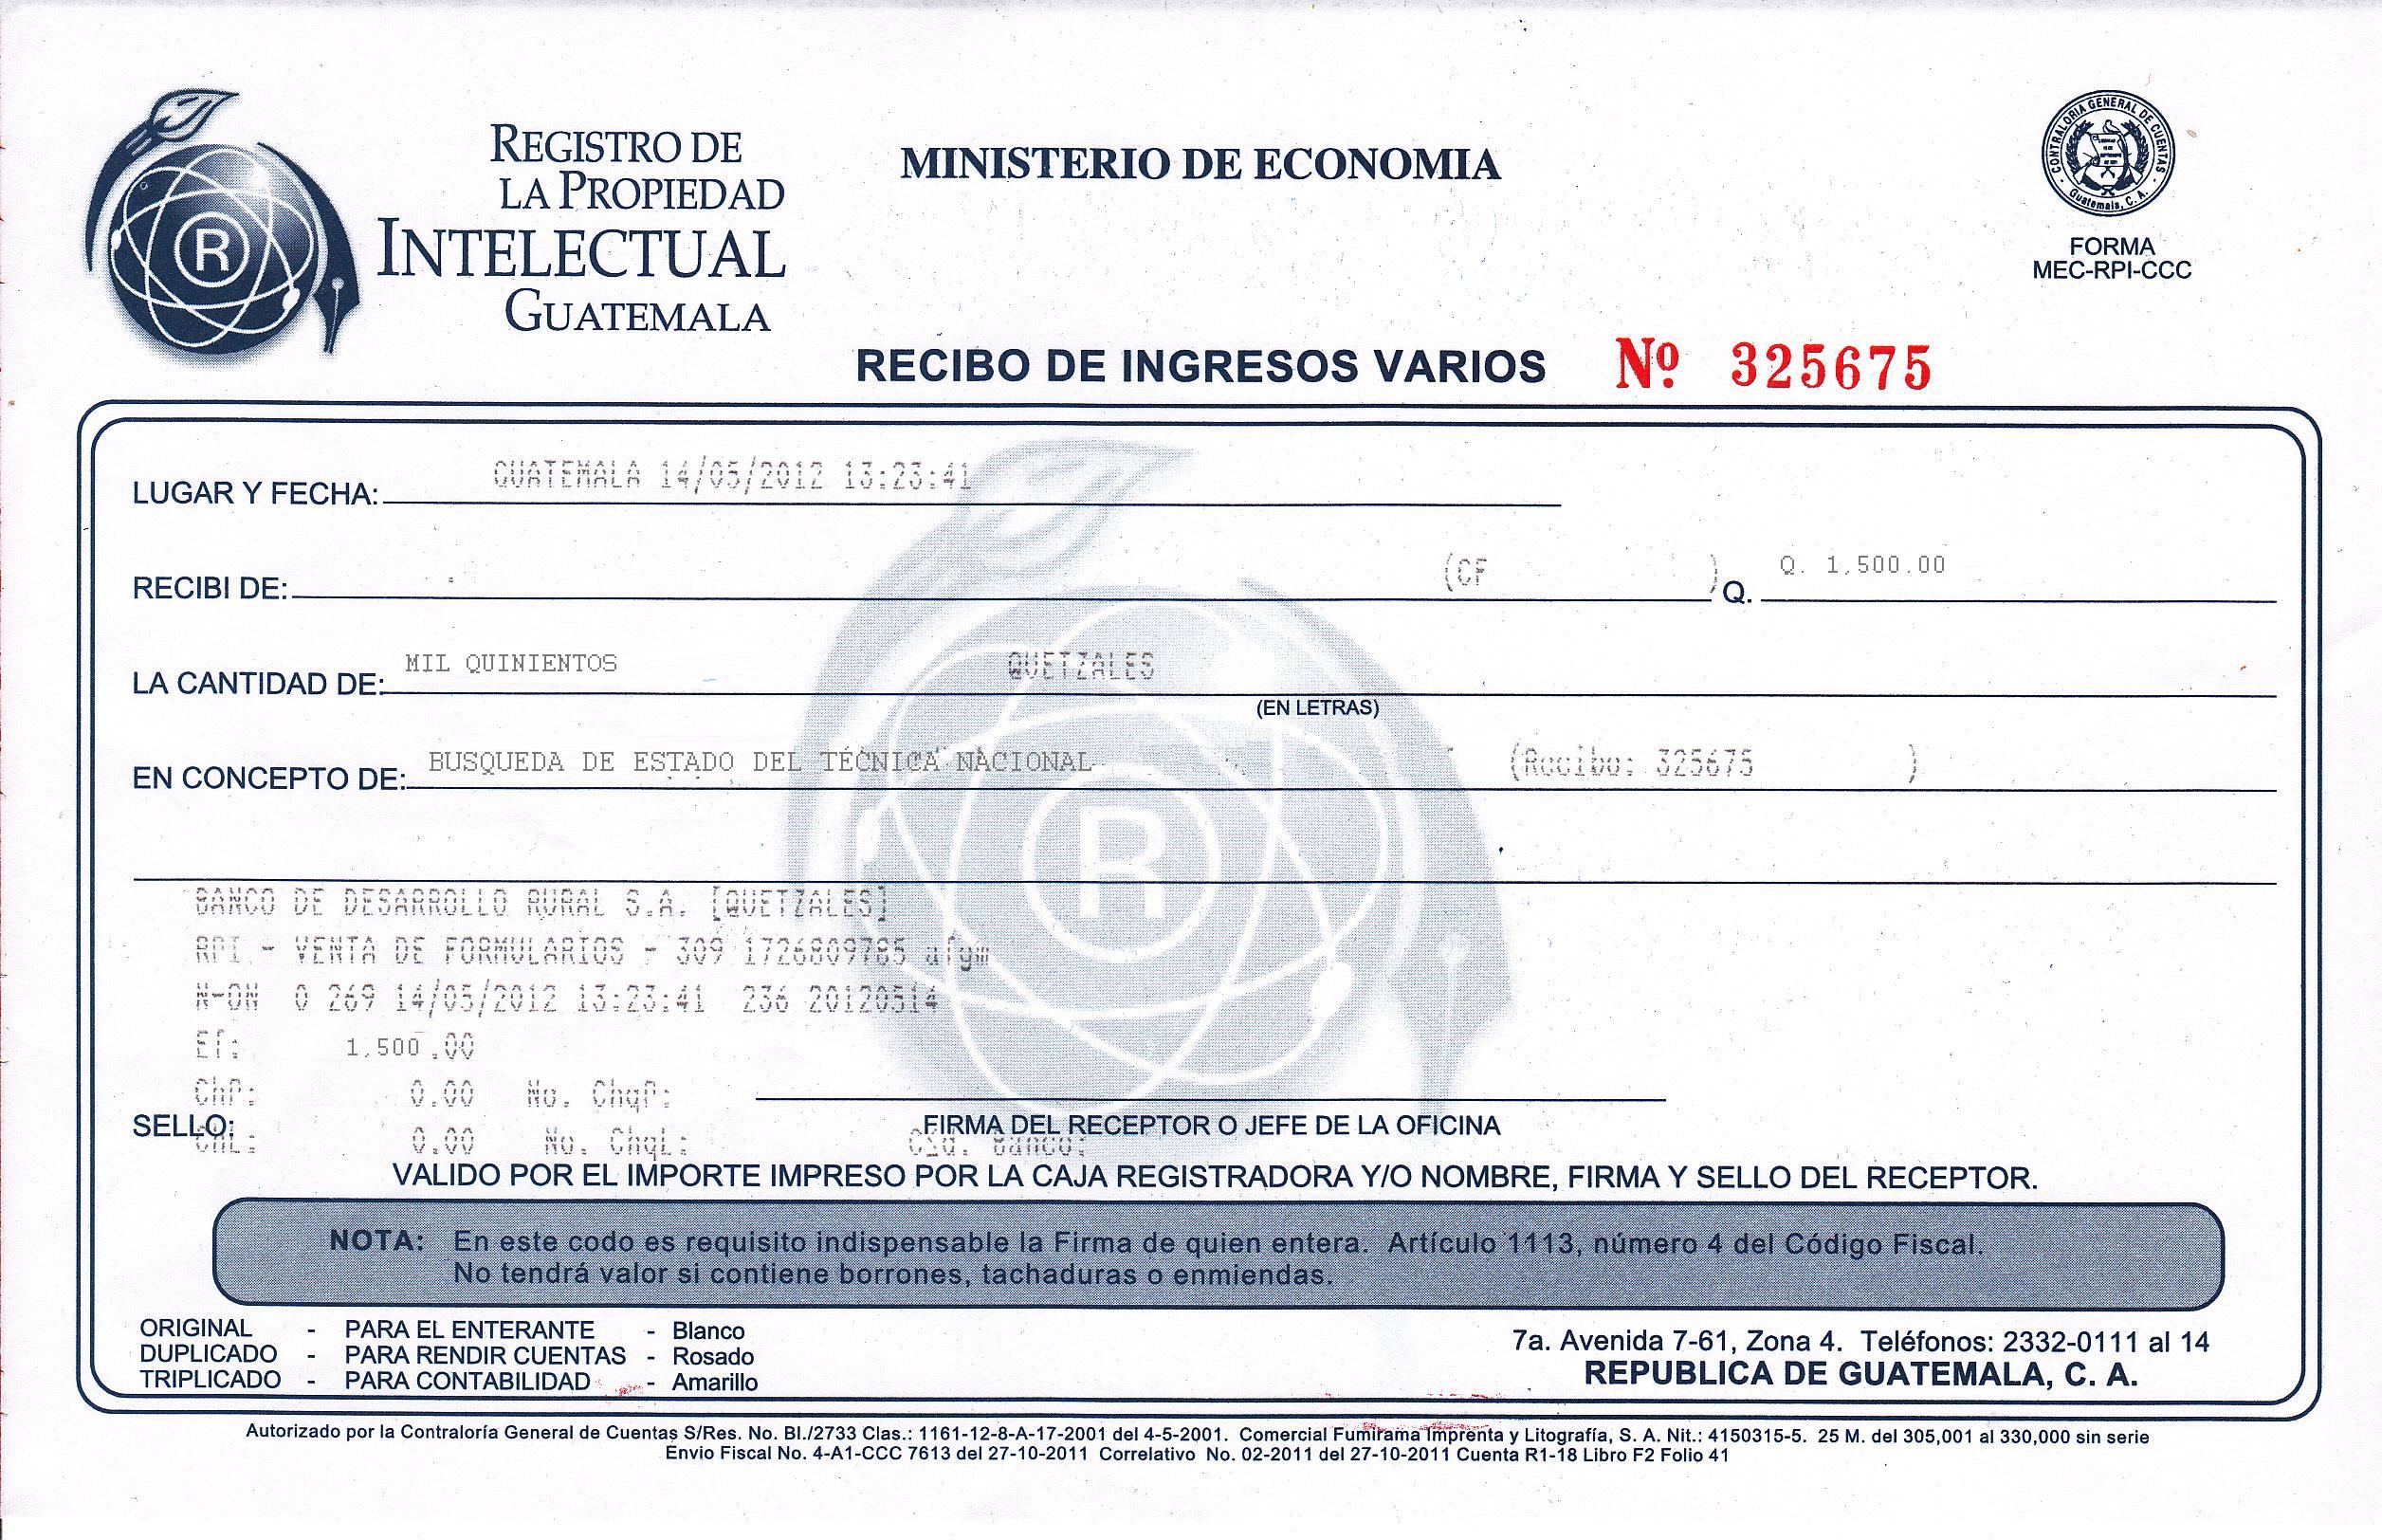 recibo de pago busqueda de estado de tecnica nacional_2.jpg